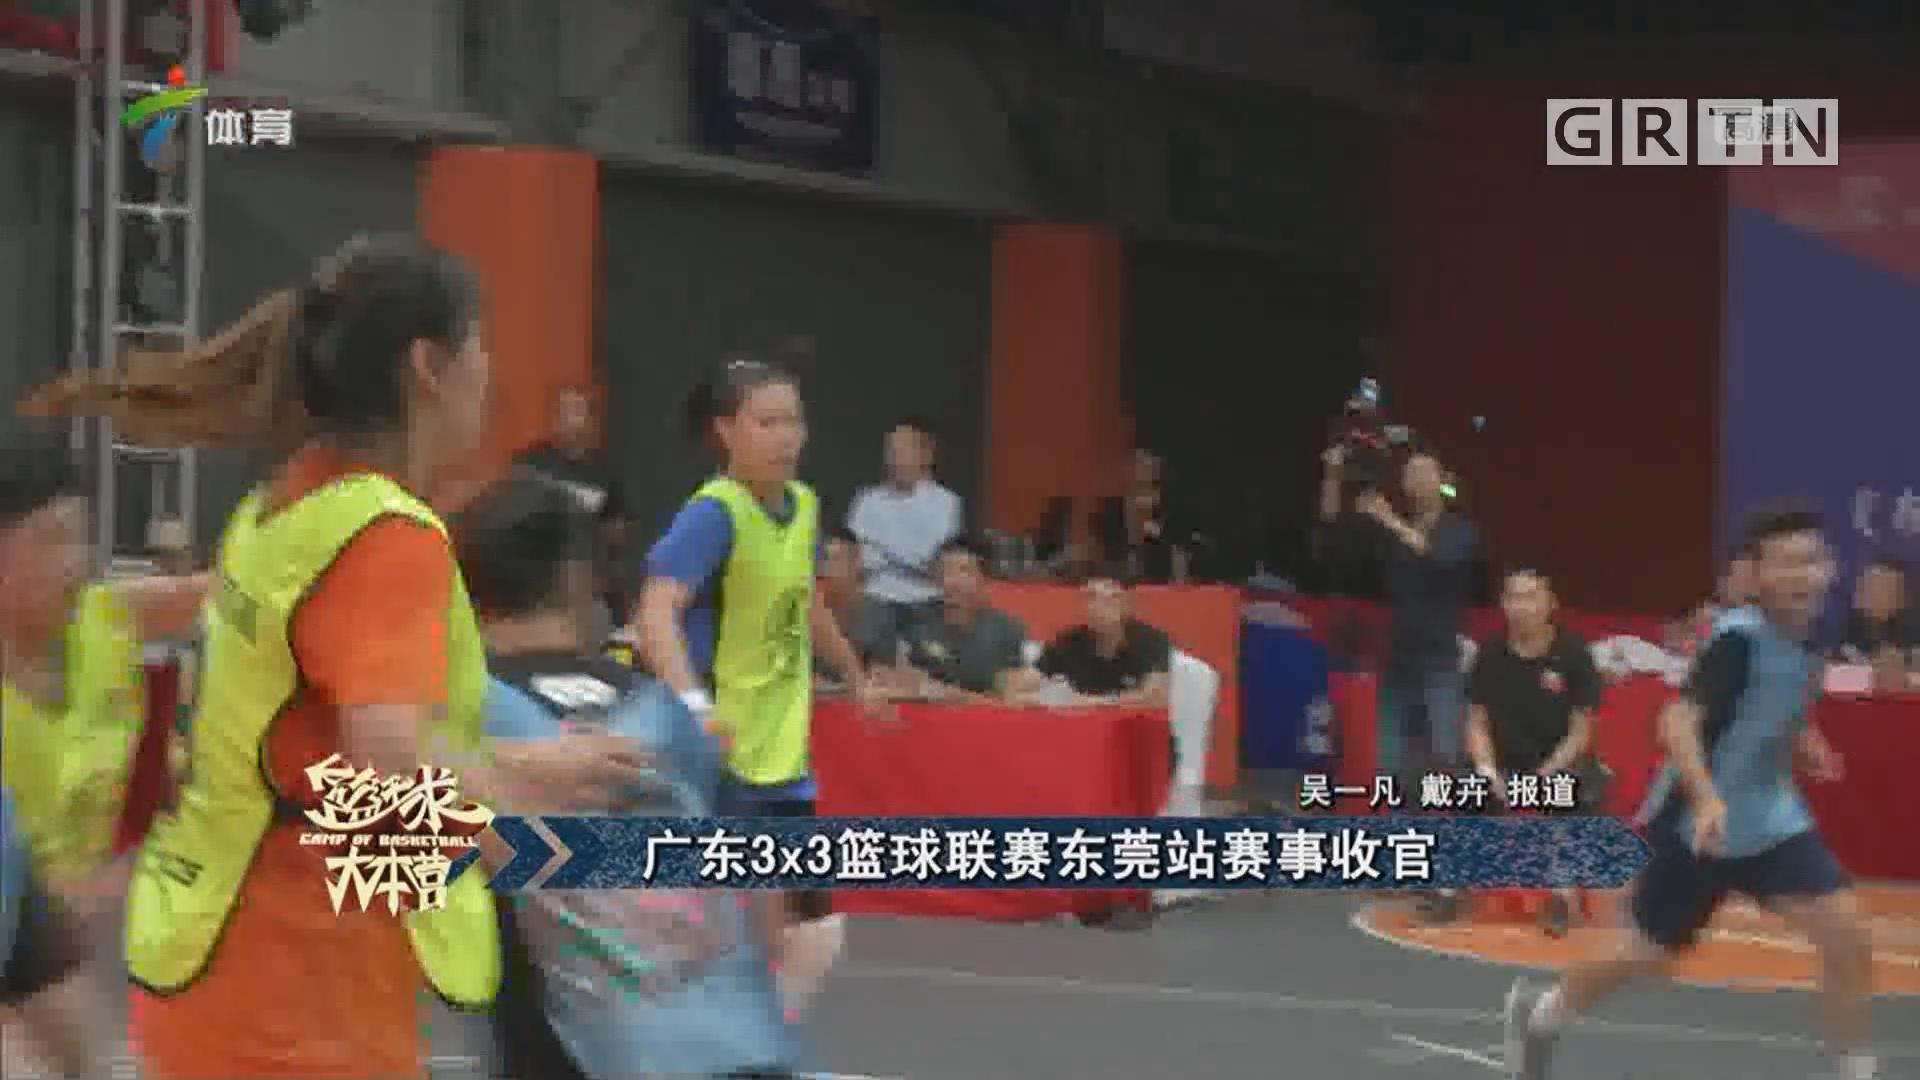 广东3x3篮球联赛东莞站赛事收官